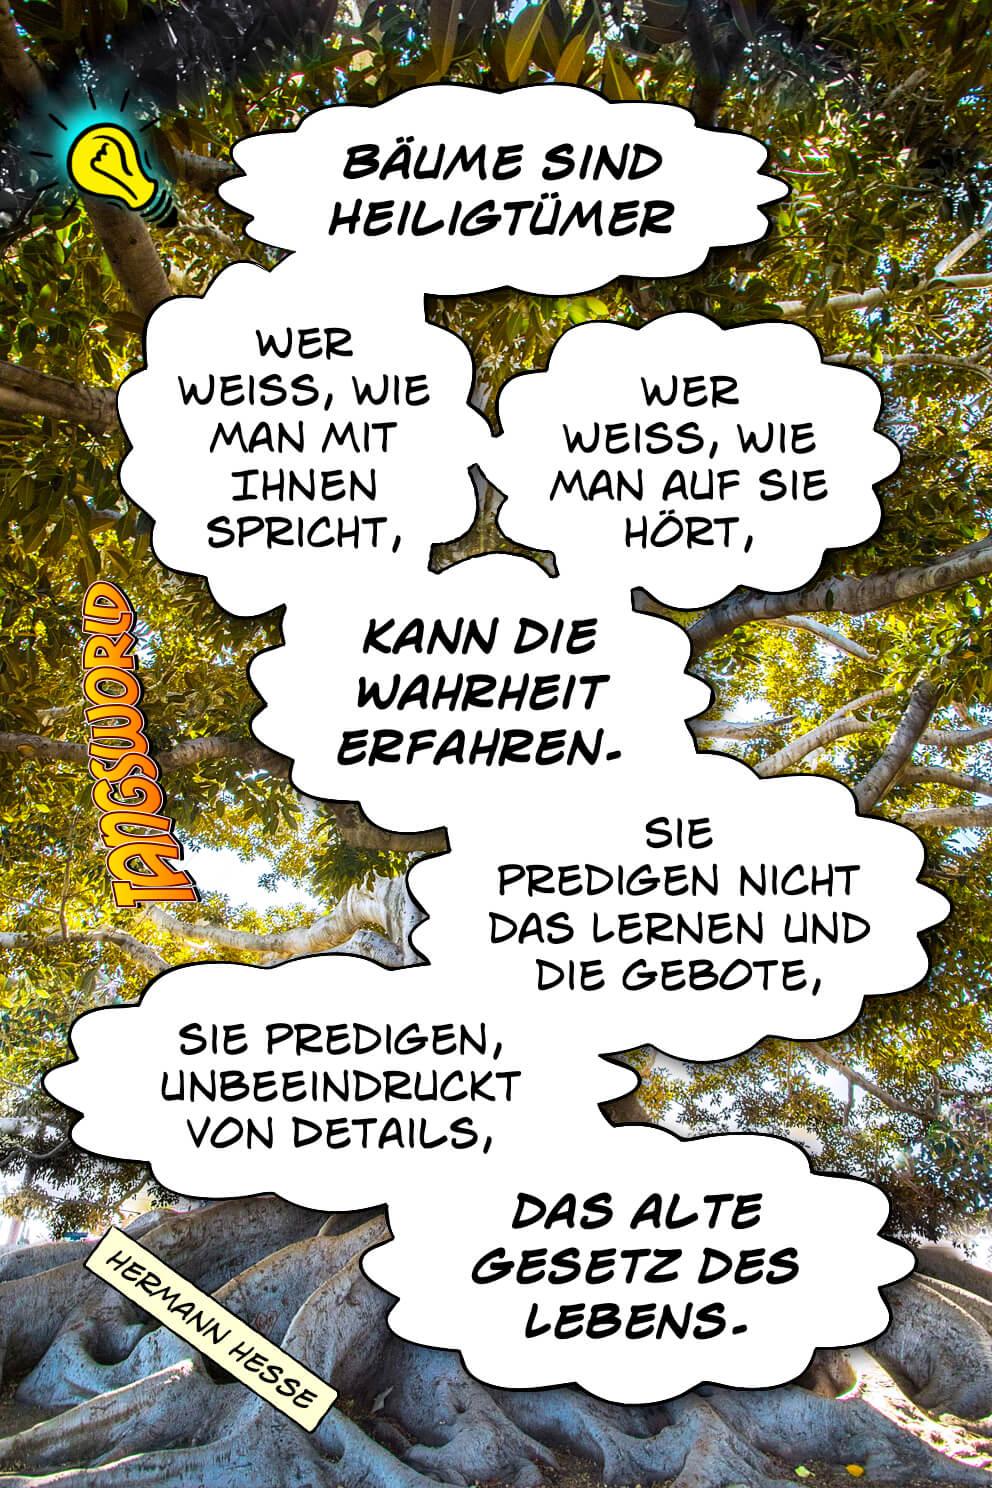 Bäume sind Heiligtümer. Wer weiß, wie man mit Ihnen spricht, wer weiß, wie man auf sie hört, kann die Wahrheit erfahren. Sie predigen nicht das Lernen und die Gebote, sie predigen, unbeeindruckt von Details, das alte Gesetz des Lebens. - Geistesblitze | Hermann Hesse